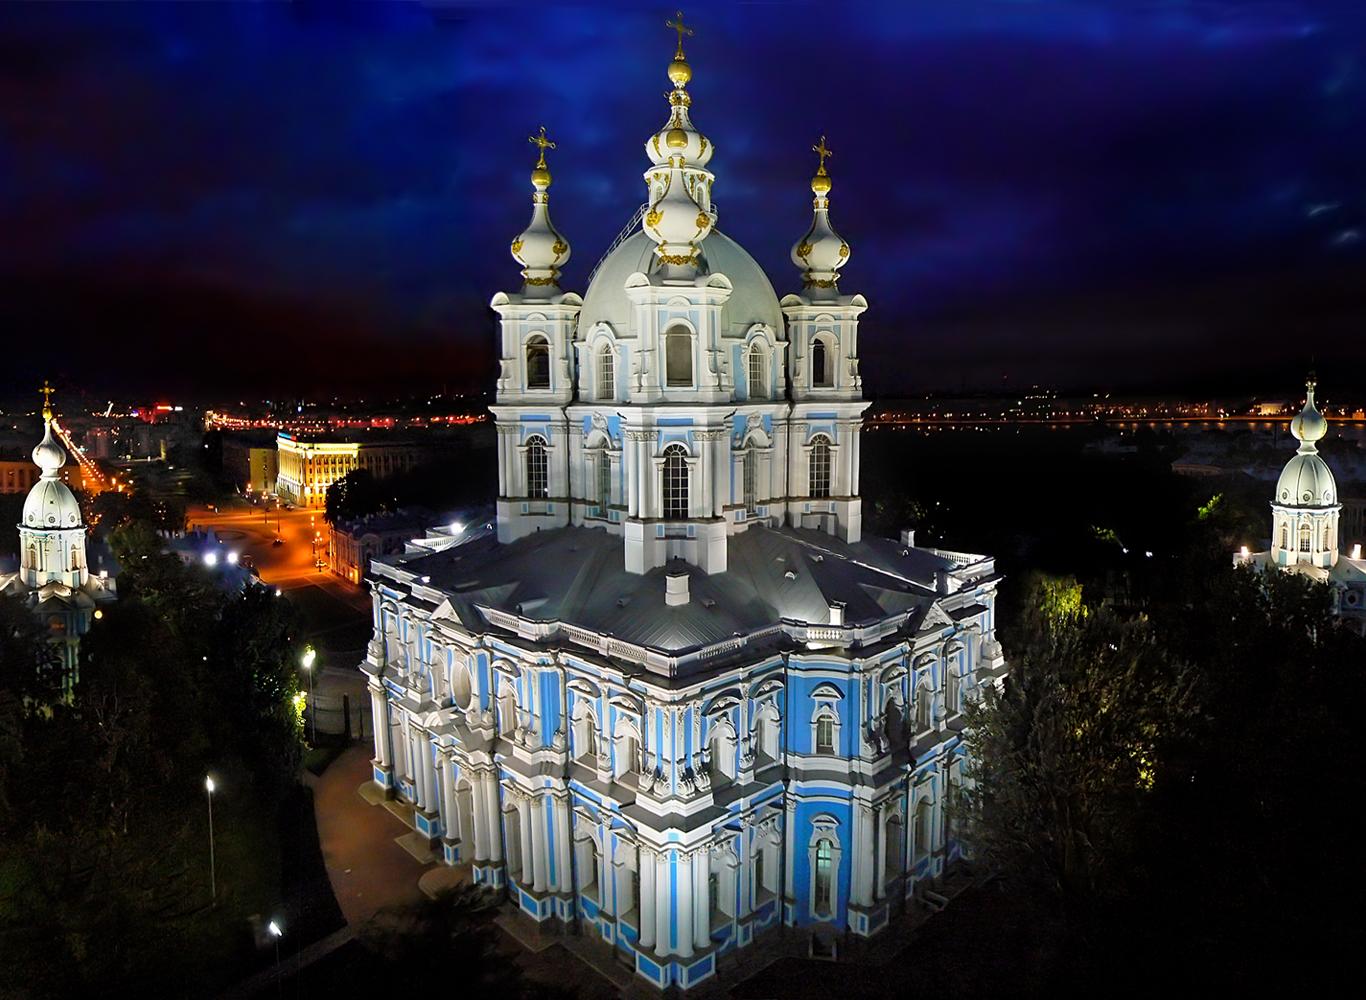 Фото:Святослав Владимирович/wikipedia.org